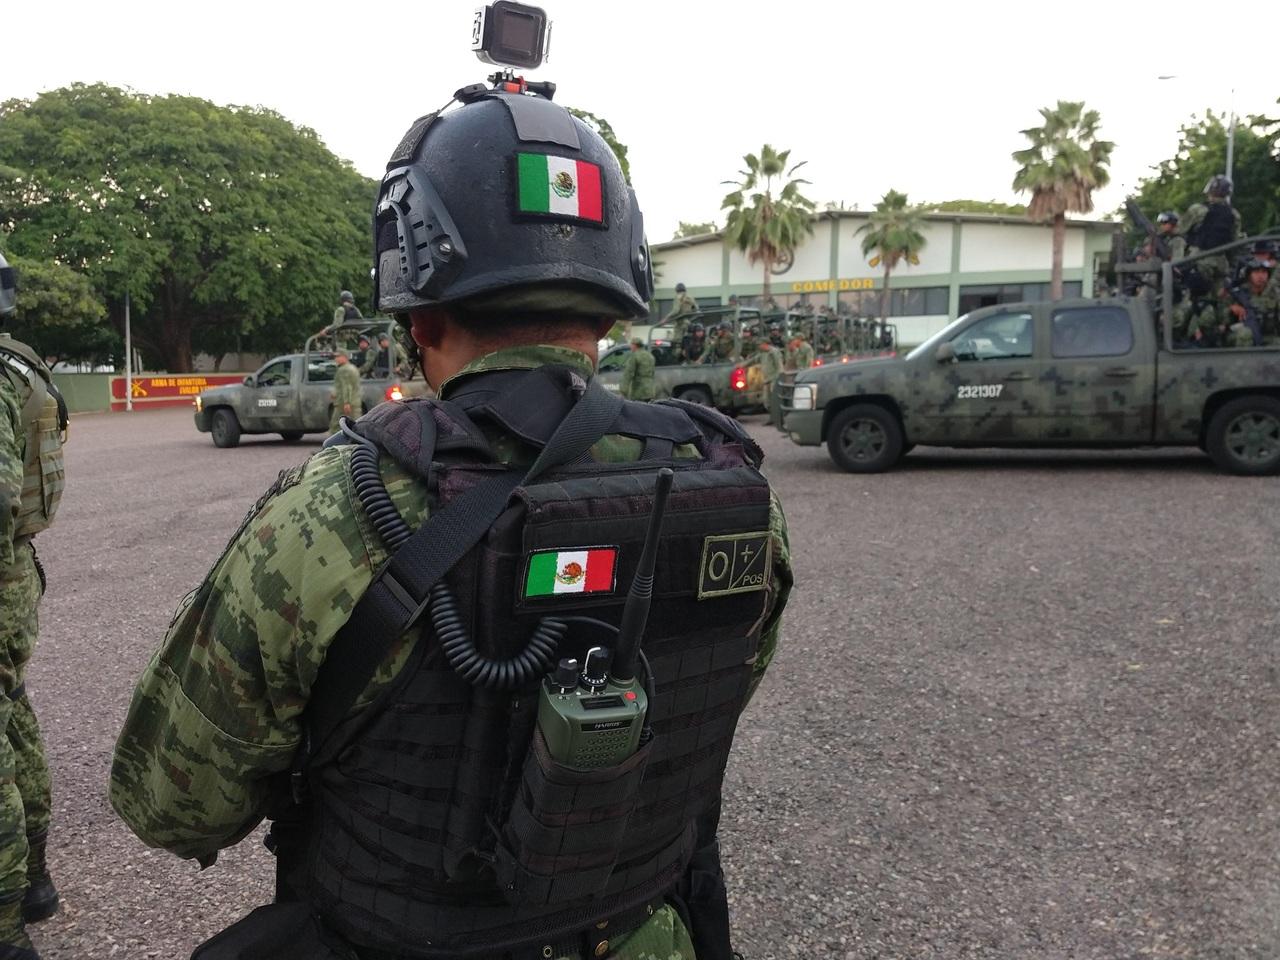 El miedo perdura en Culiacán, reconocen